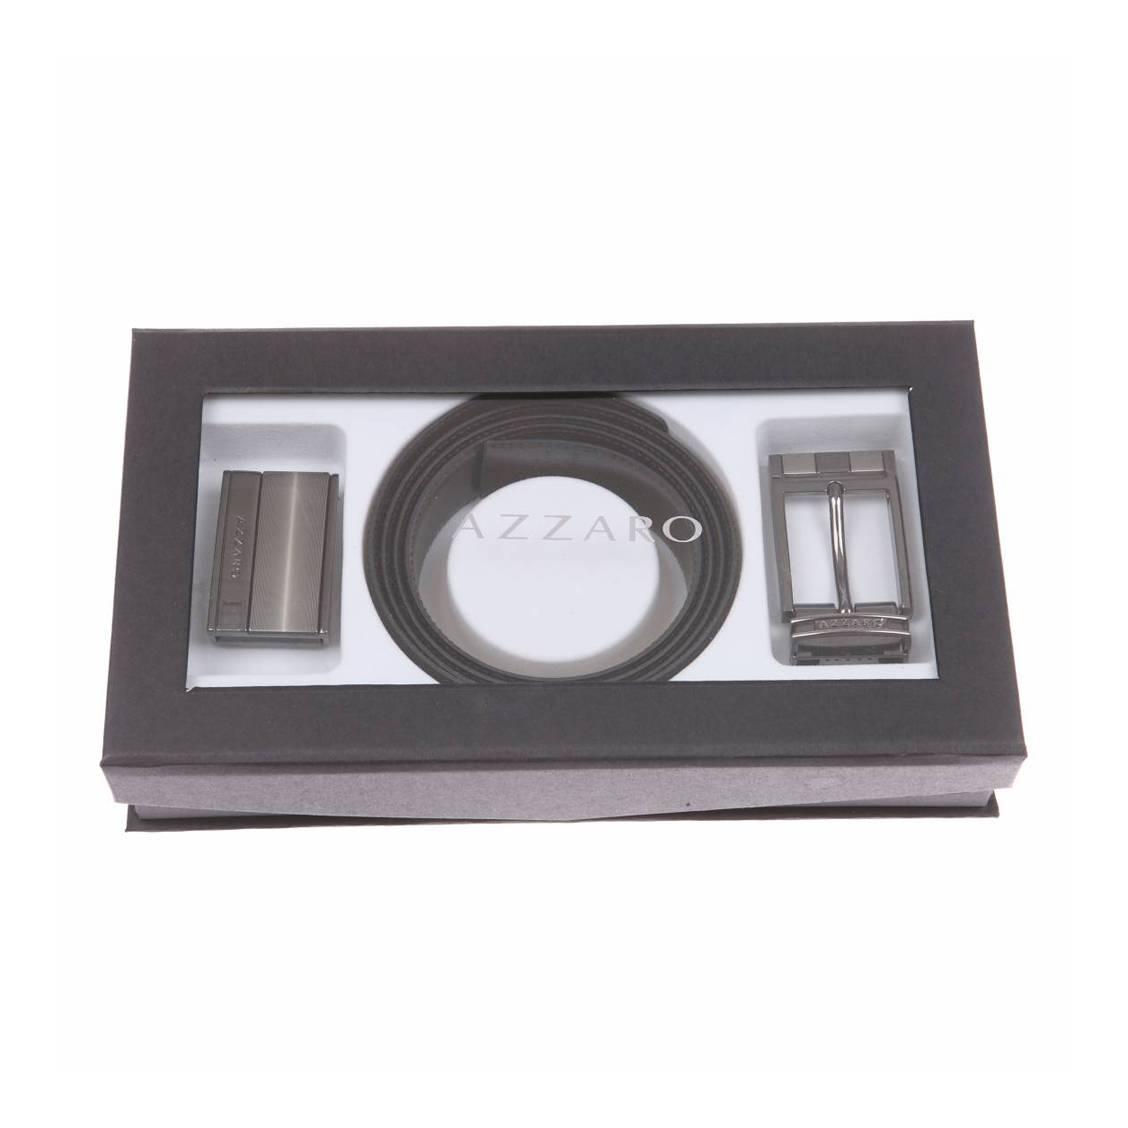 5570ca4bfc81 Coffret cadeau   ceinture Azzaro ajustable, noir réversible marron ...